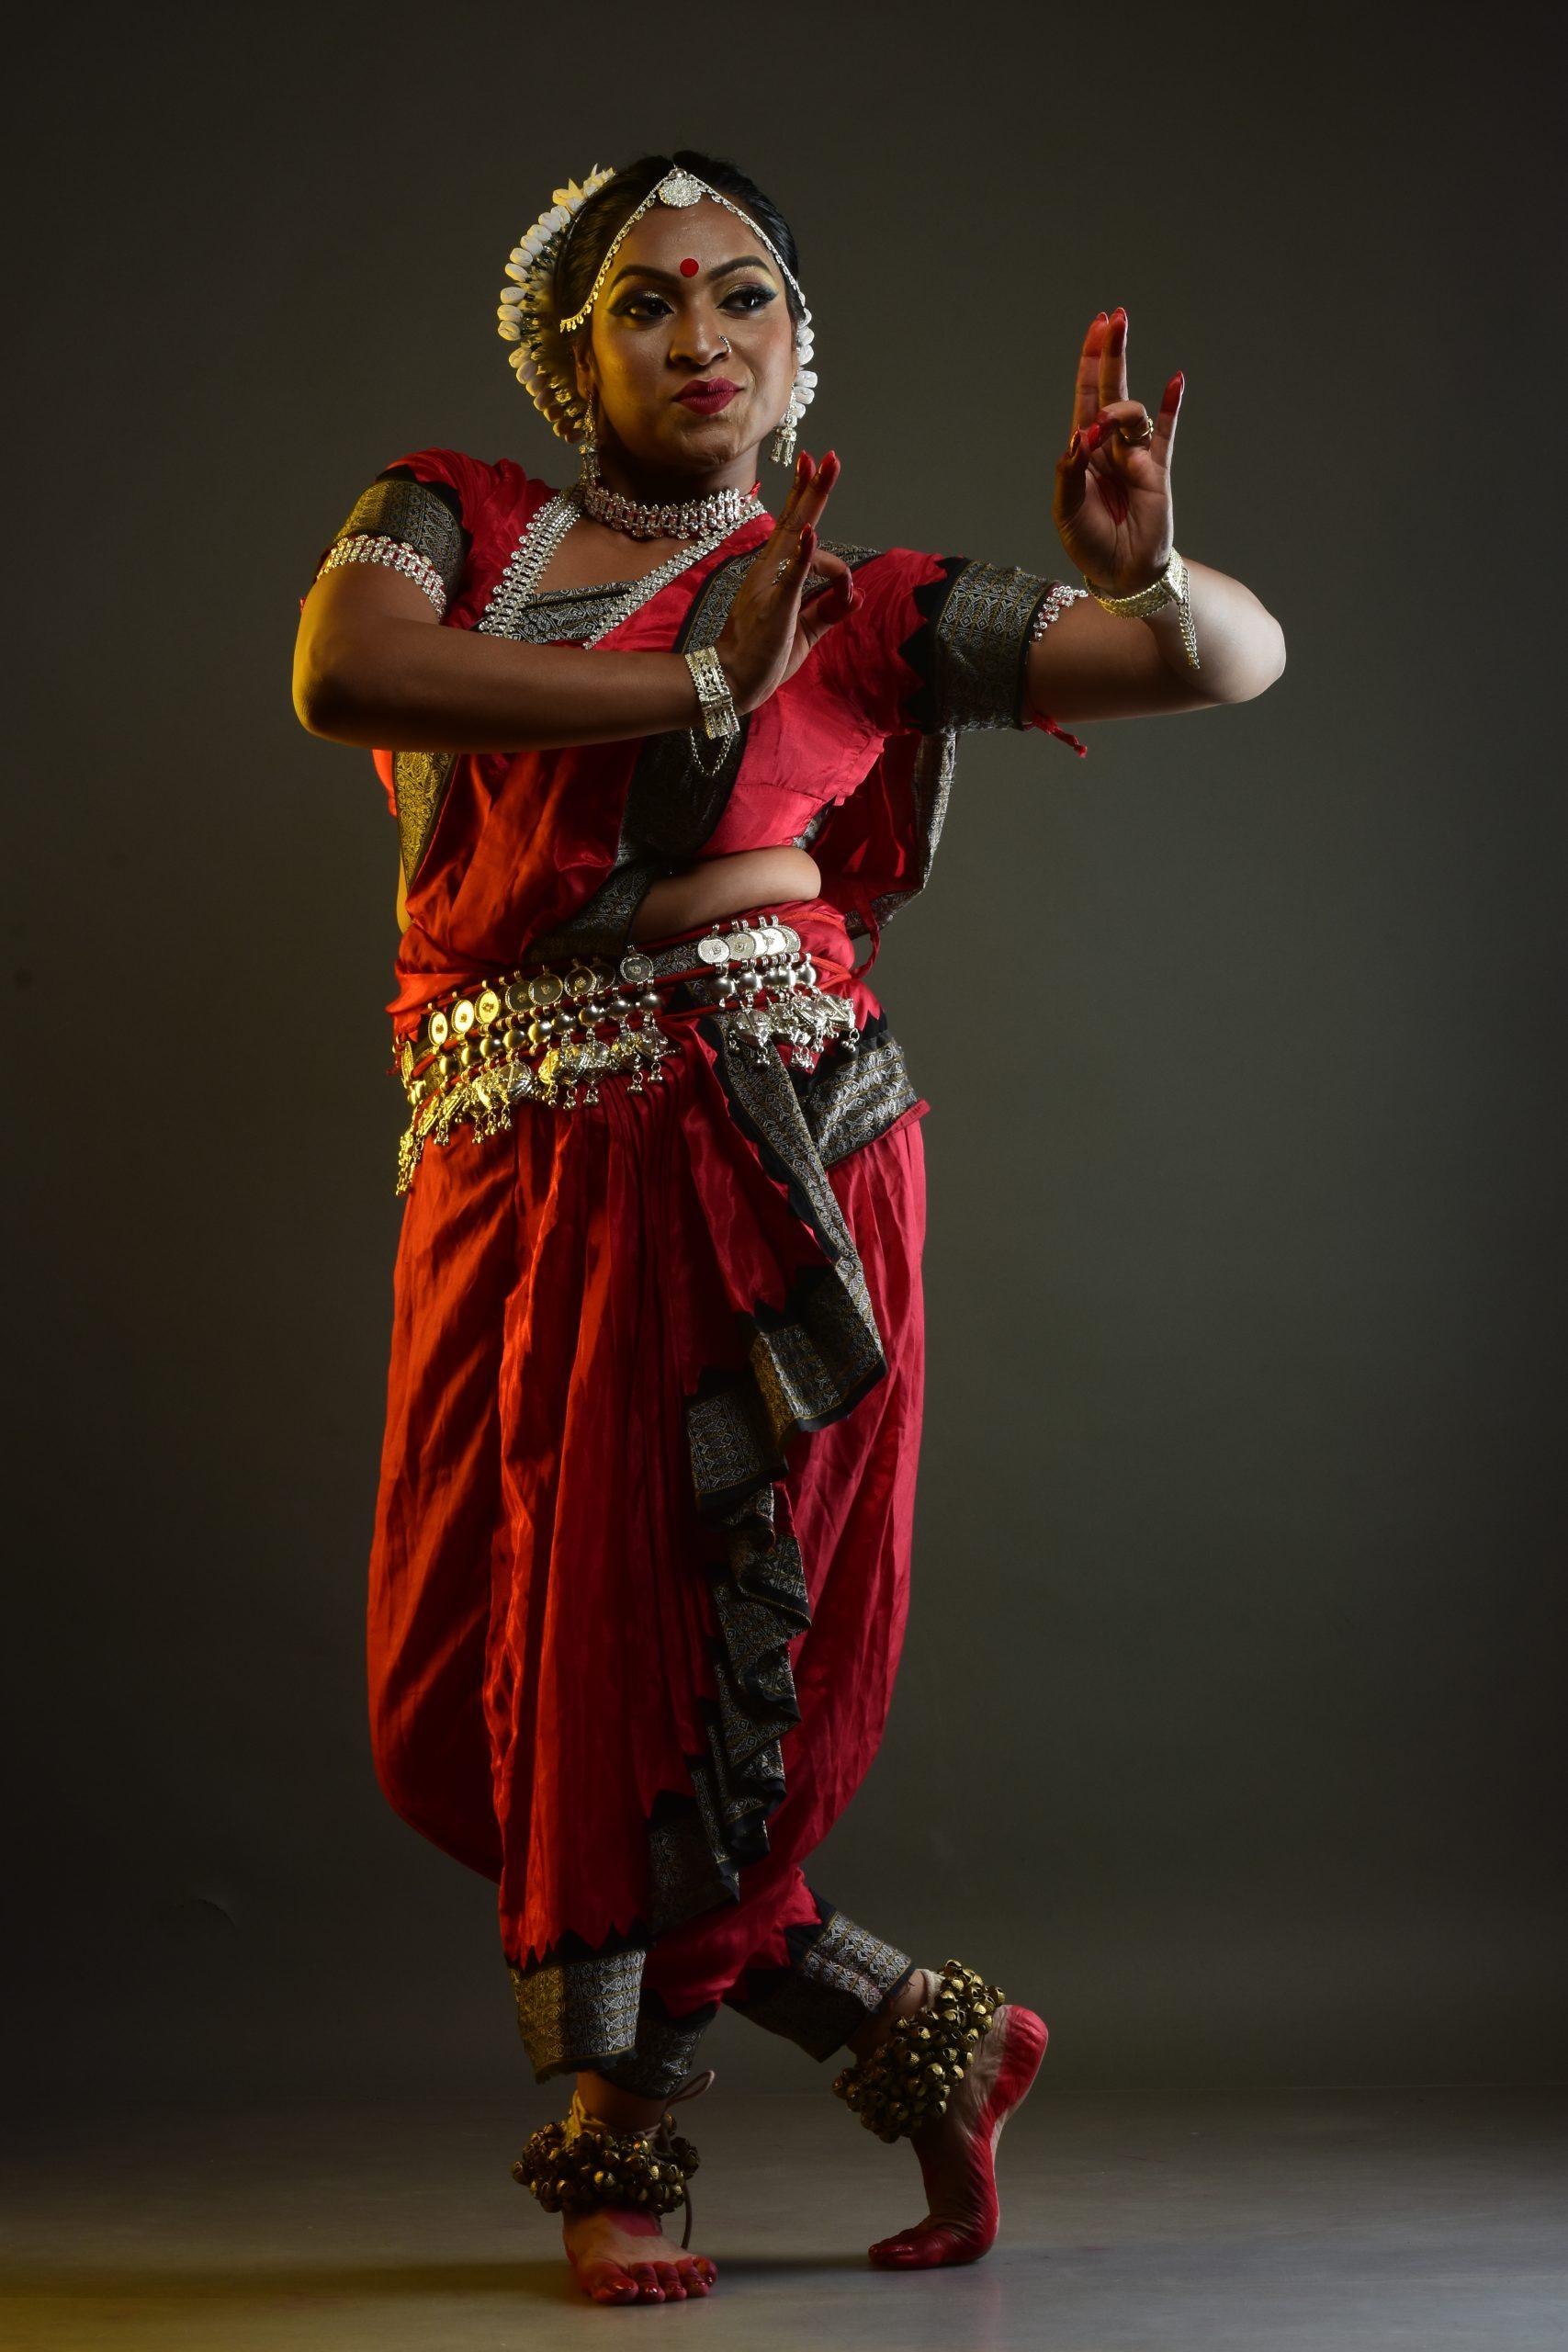 Odissi classical dance artist